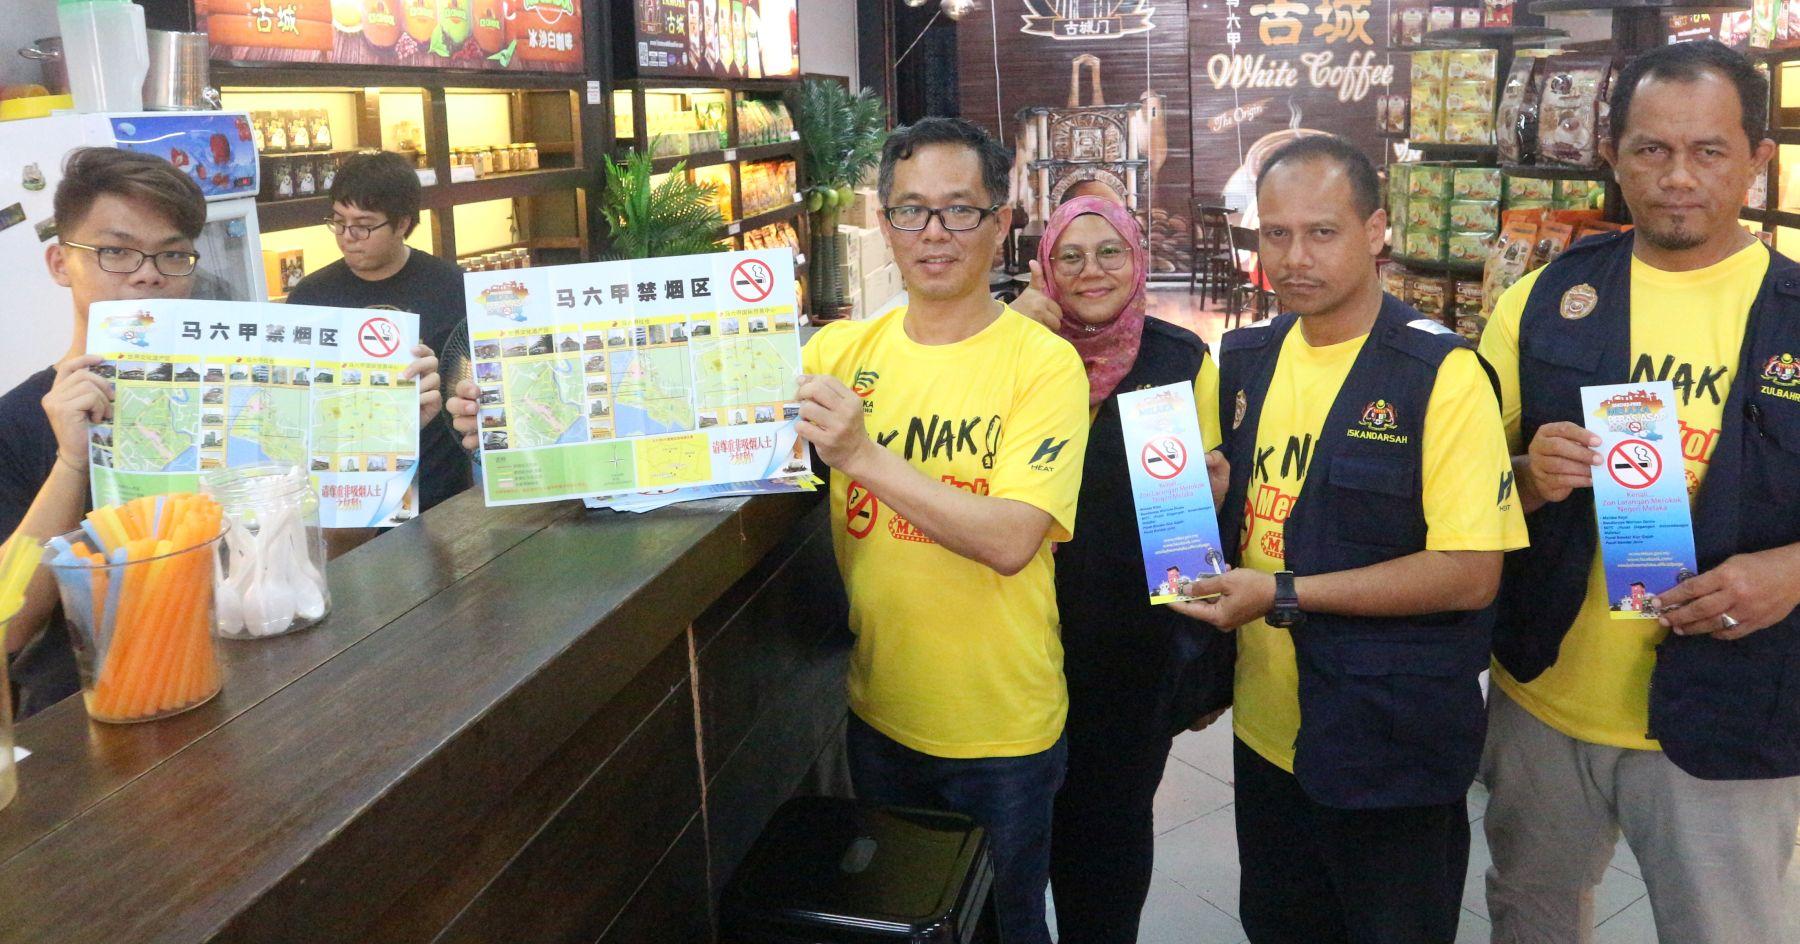 刘志良(右4)与甲卫生局官员在鸡场街派发禁烟区手册给商家们。